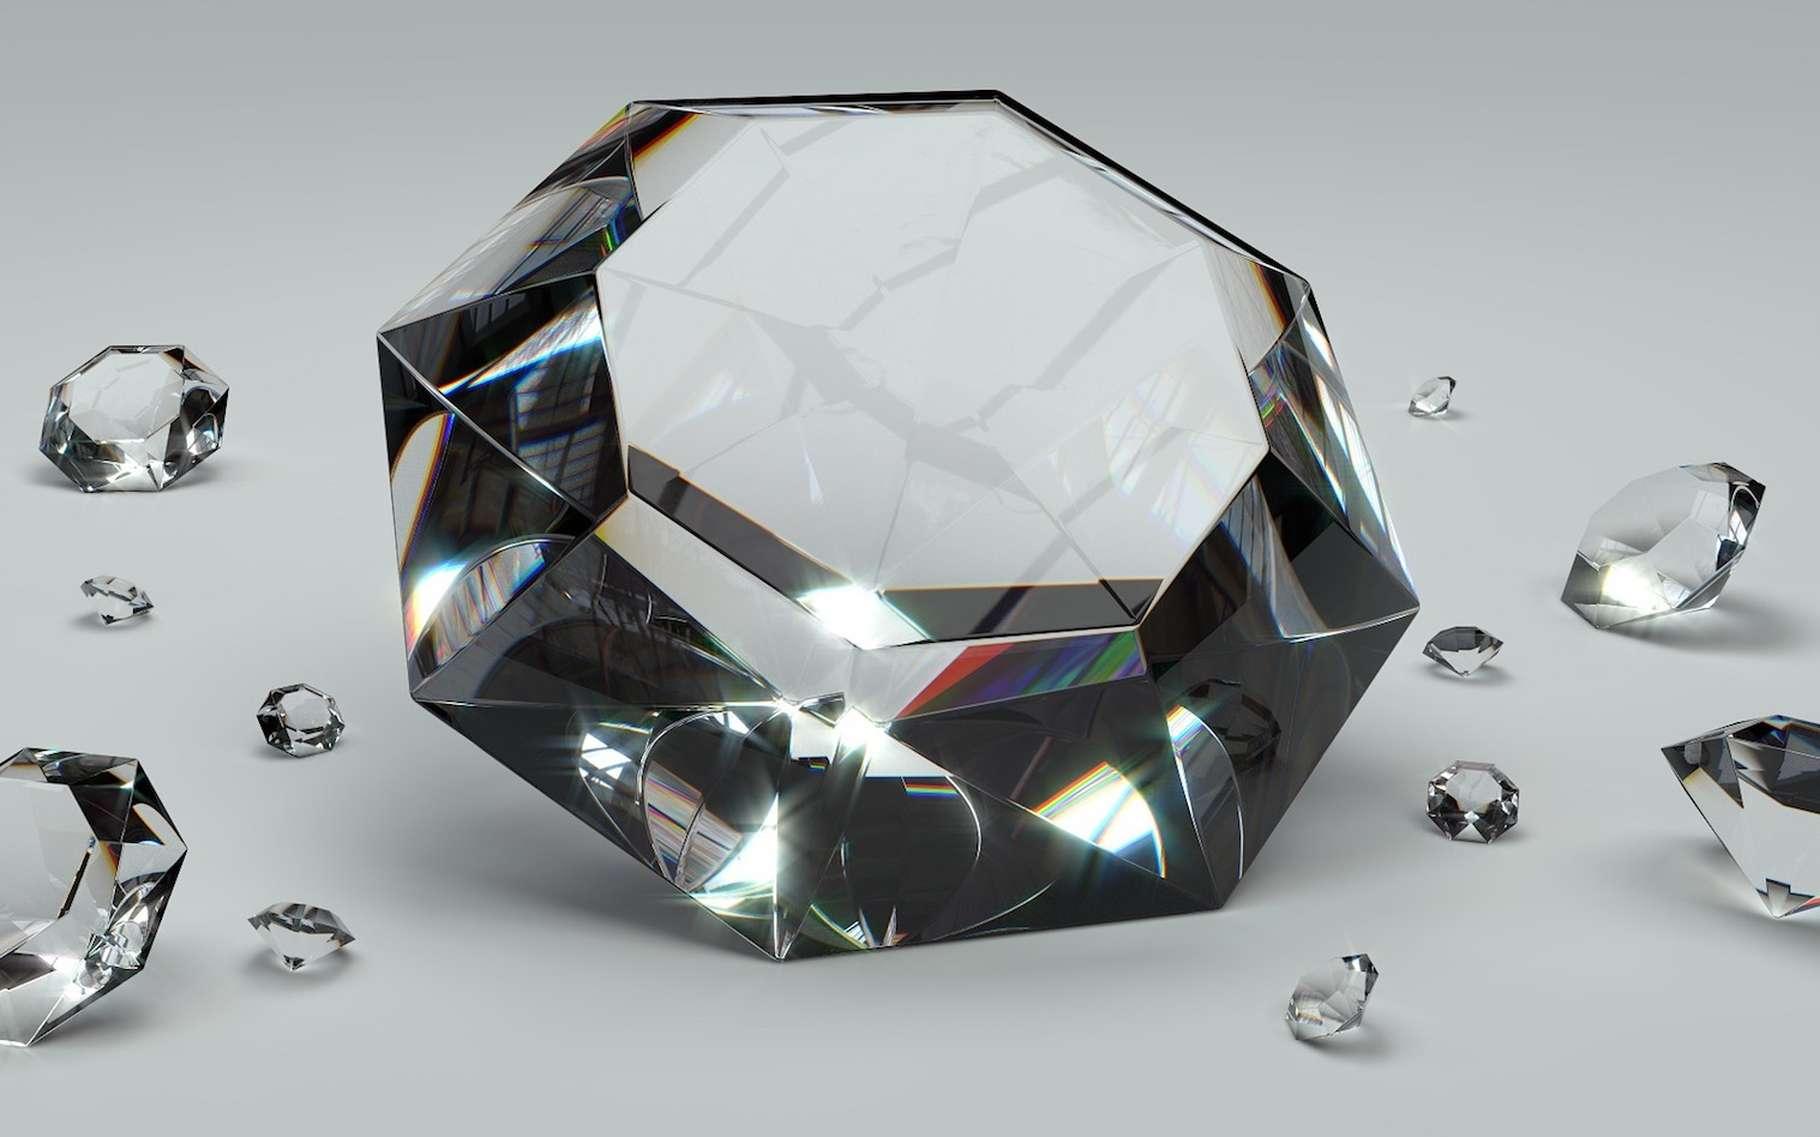 Les diamants sont qualifiés de « métastables » car, dans des conditions normales, leur évolution n'est pas perceptible à l'échelle humaine. Toutefois, lorsque températures et pressions augmentent, les choses changent… © ColiN00B, Pixabay, CC0, DP